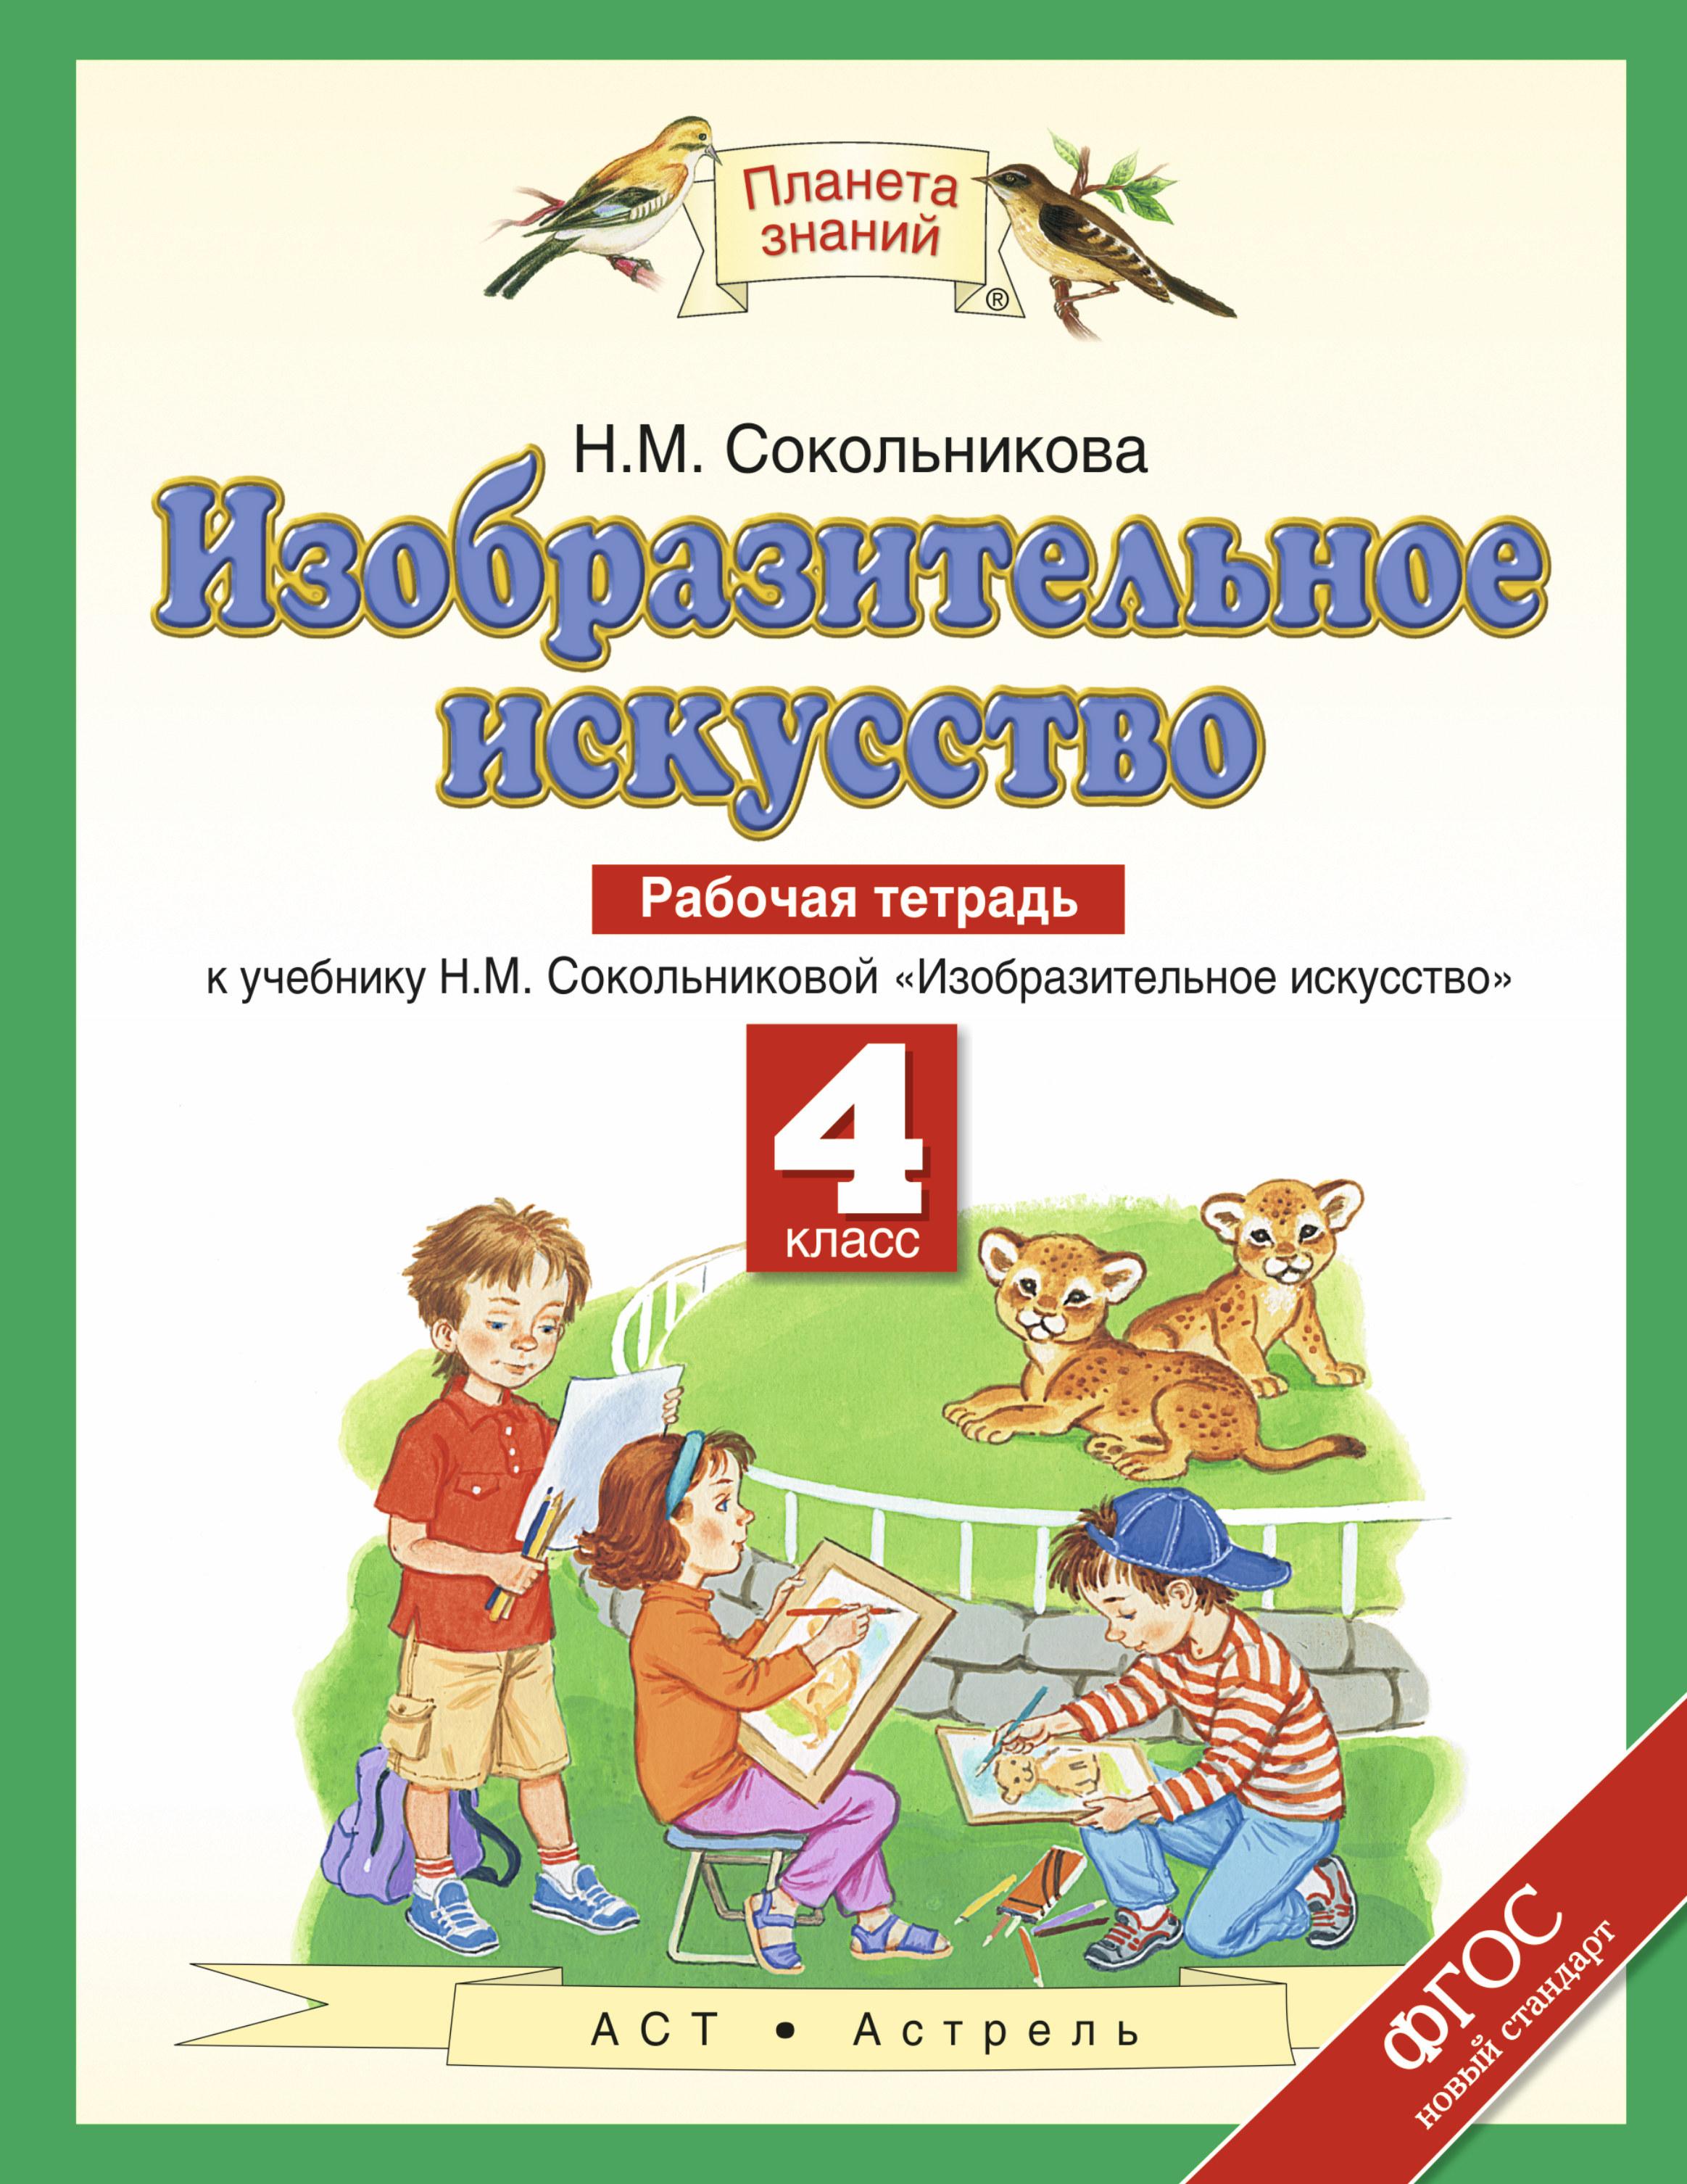 Изобразительное искусство. 4 класс. Рабочая тетрадь ( Сокольникова Н.М.  )